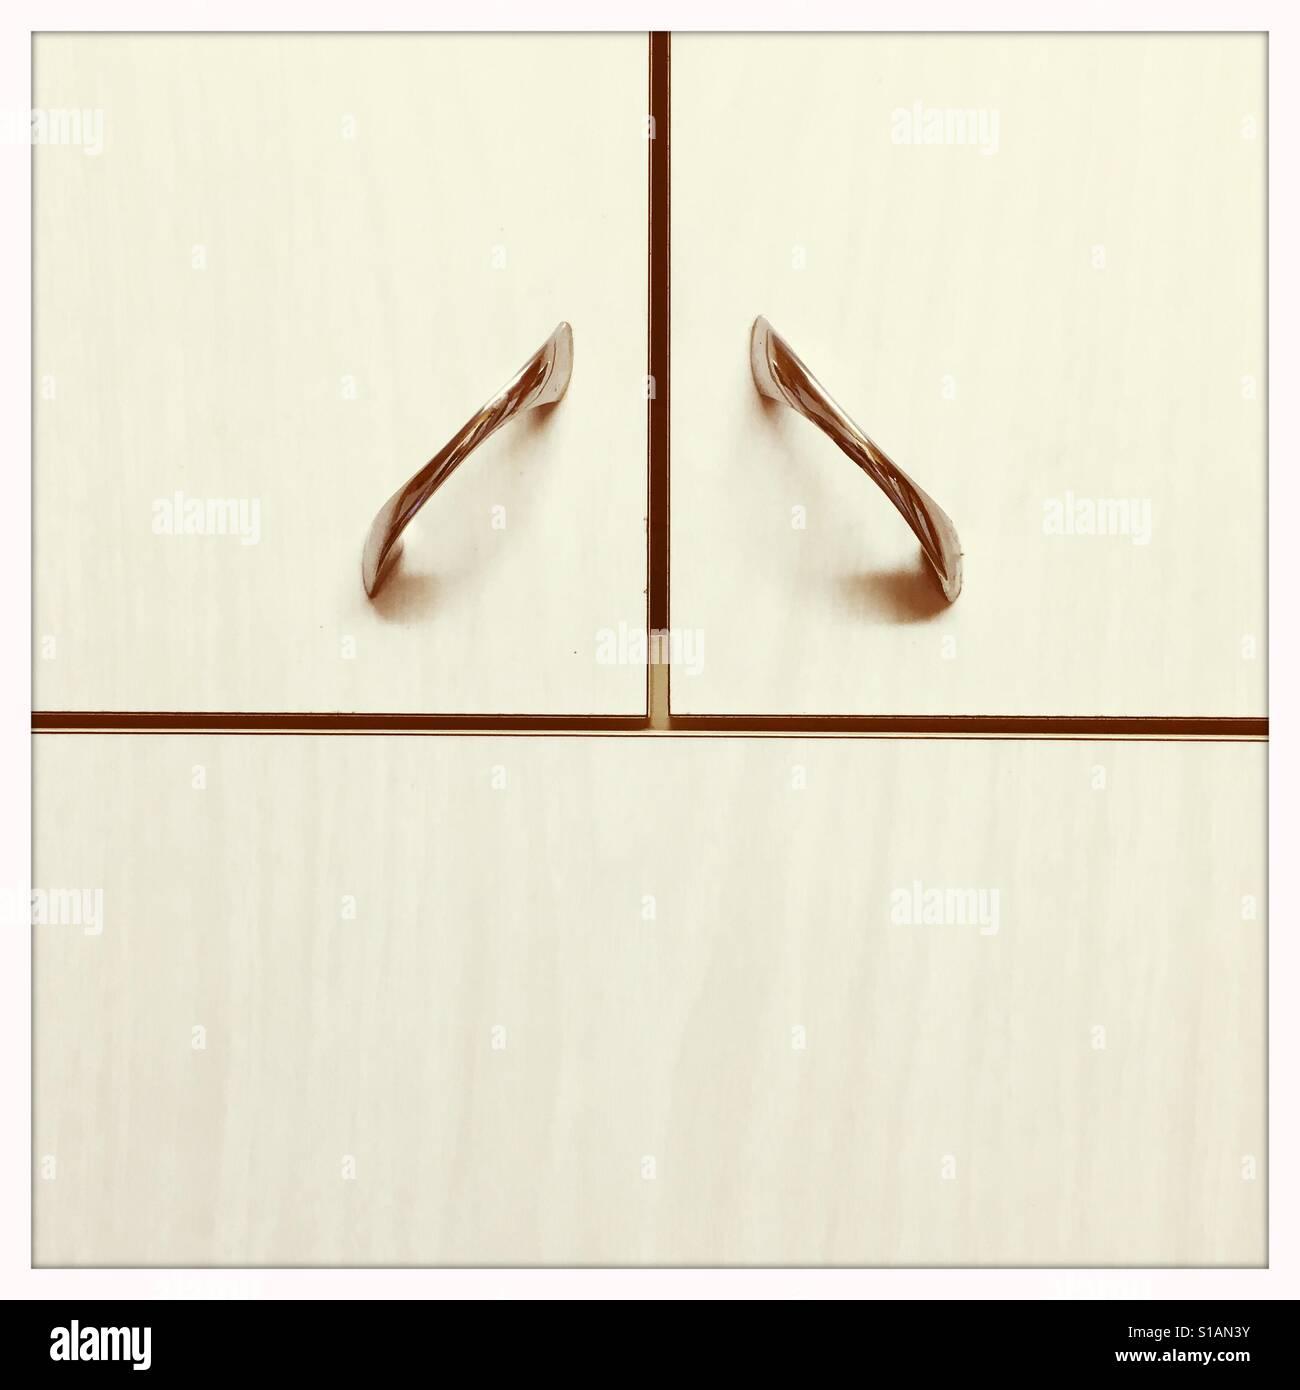 1950s Kitchen Design Stockfotos & 1950s Kitchen Design Bilder - Alamy